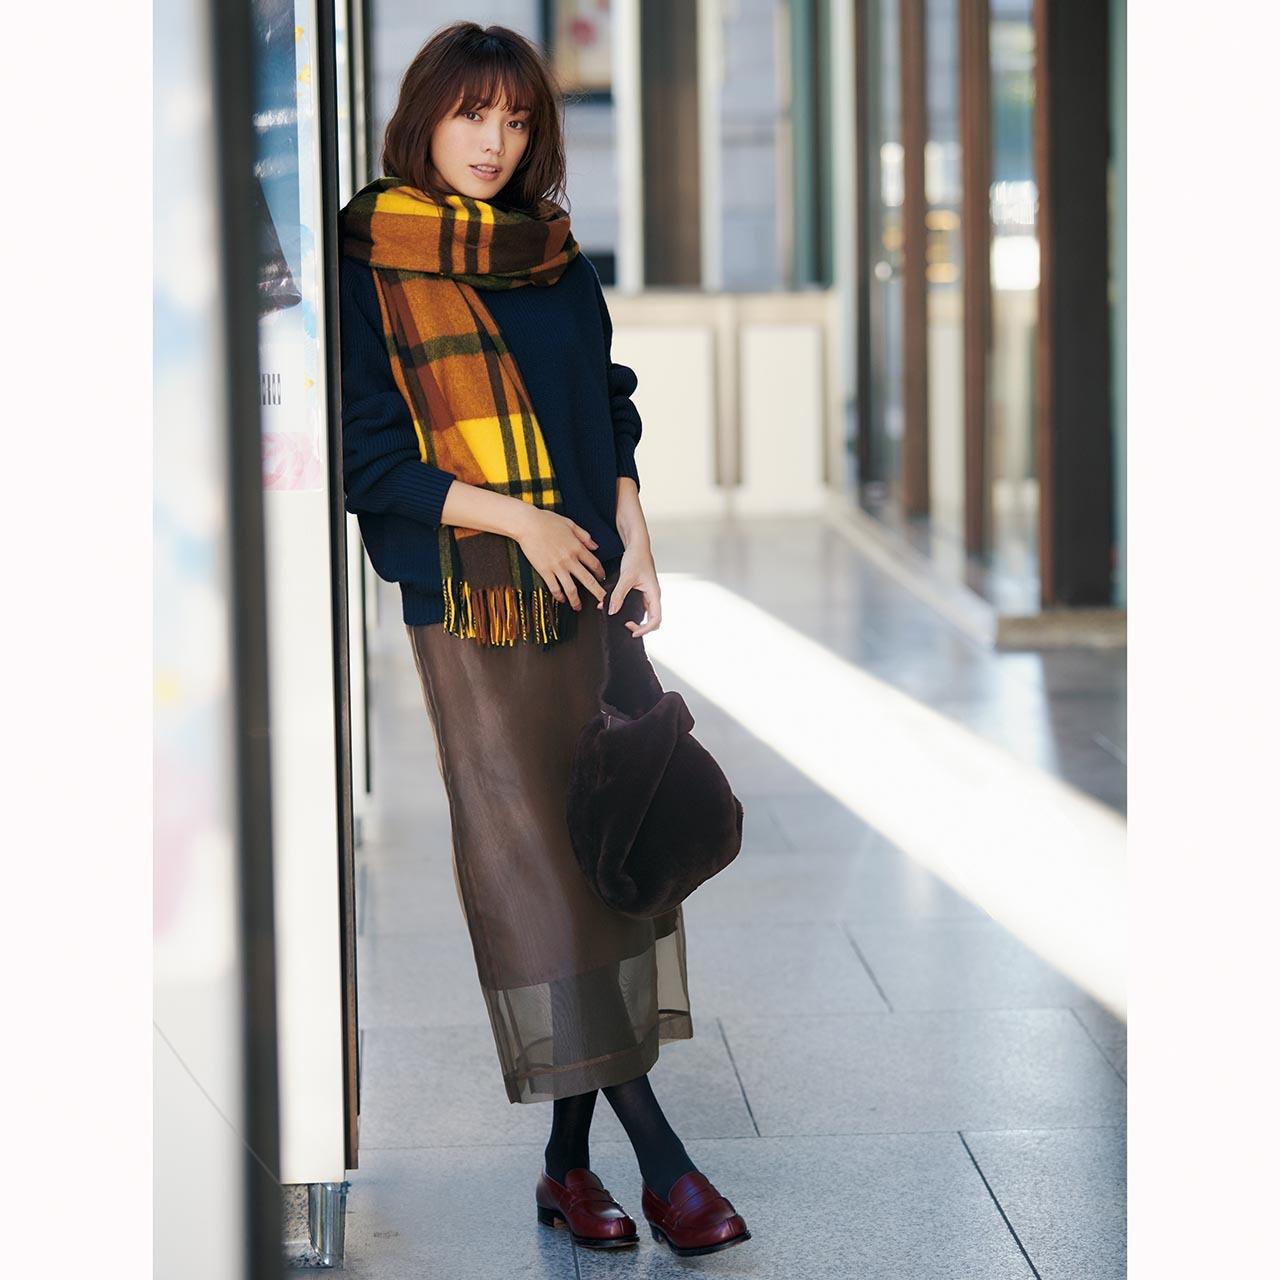 「ハリツヤ・スカート」投入で冬コーデを女性らしく華やかにアップデート!_1_1-2